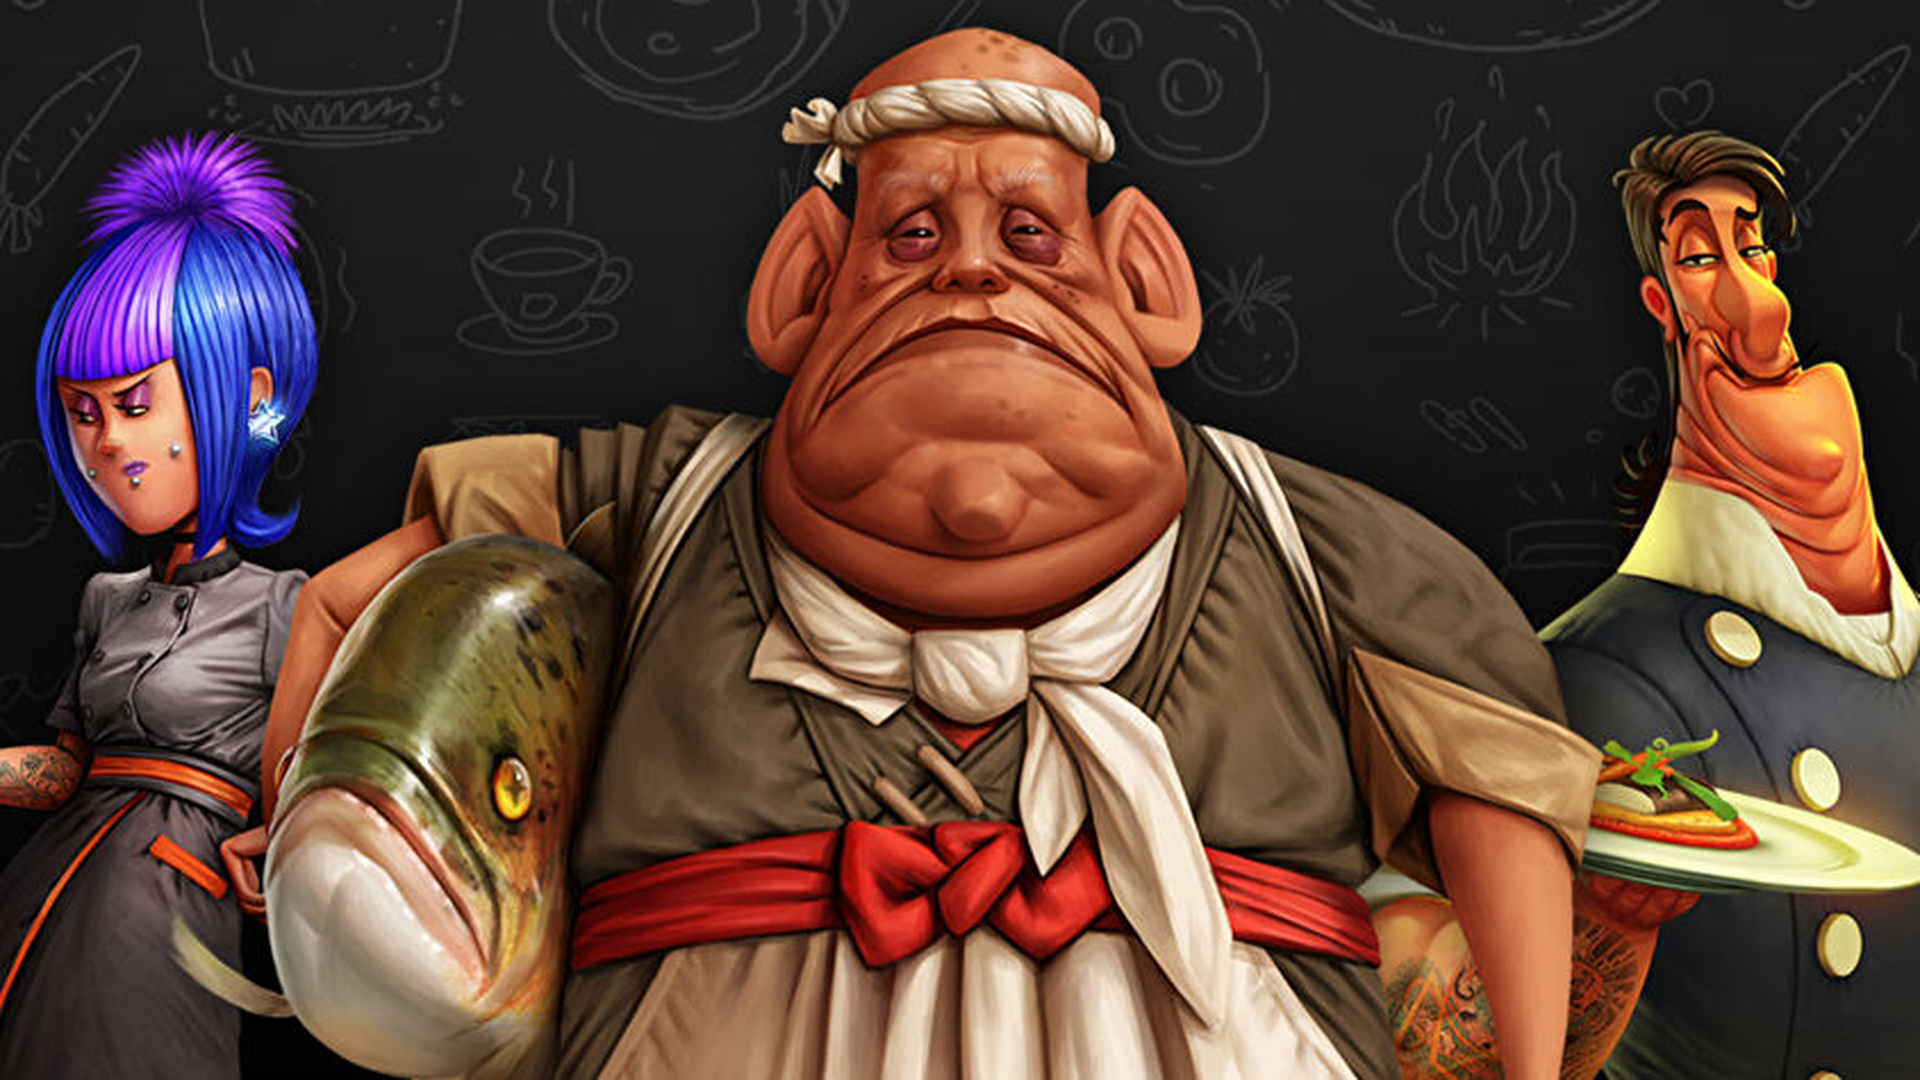 foodies-board-game-artwork.jpg